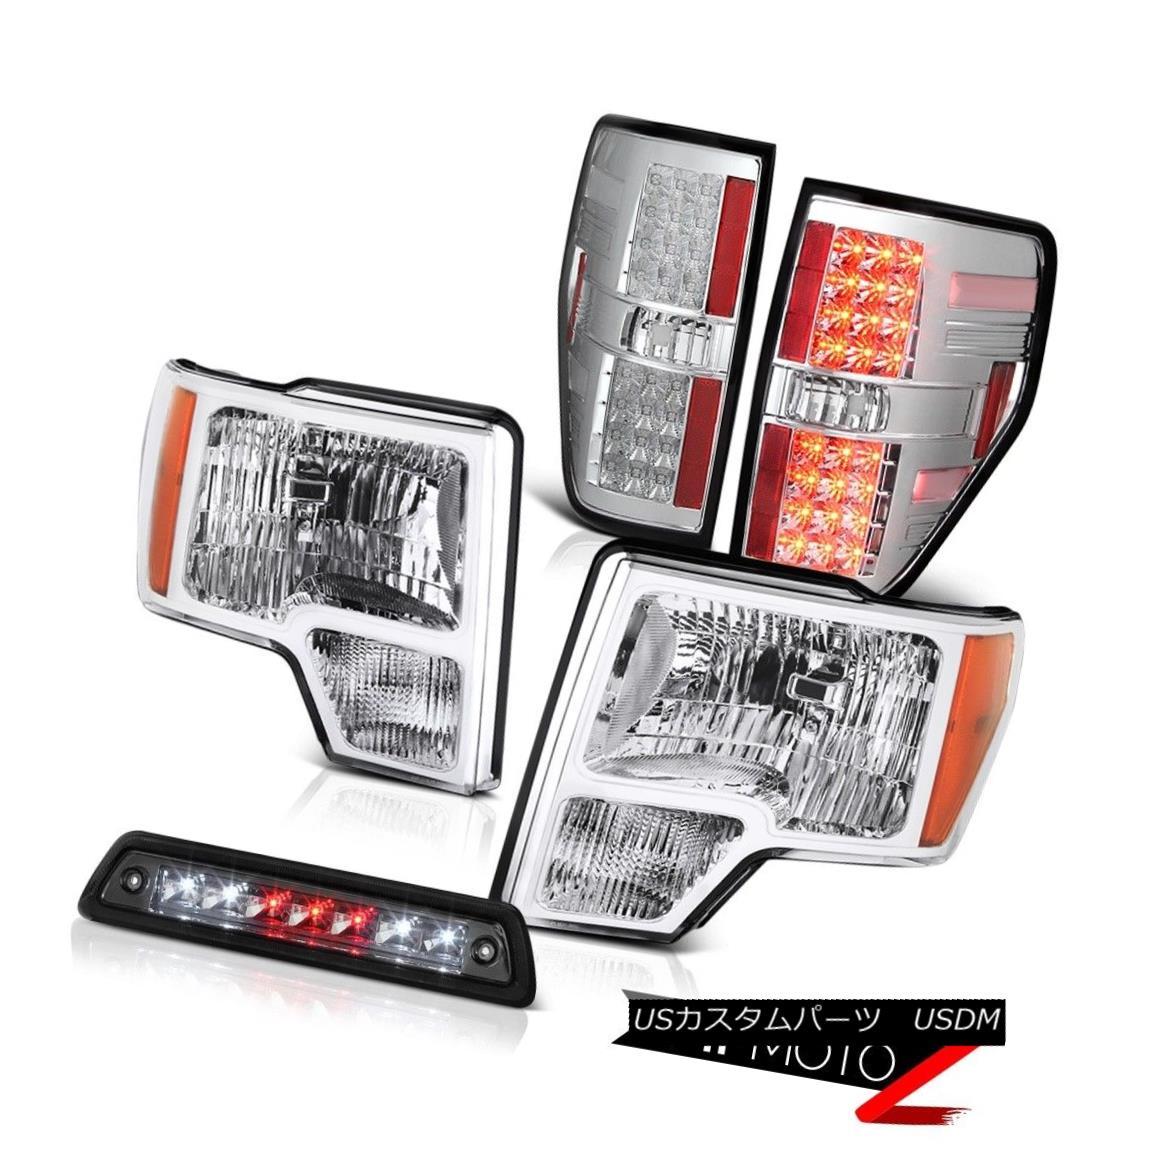 テールライト 09-14 FORD F150 XL Smokey 3rd brake lamp euro clear taillights headlamps LED SMD 09-14フォードF150 XLスモーキー第3ブレーキランプユーロクリアテールライトヘッドランプLED SMD